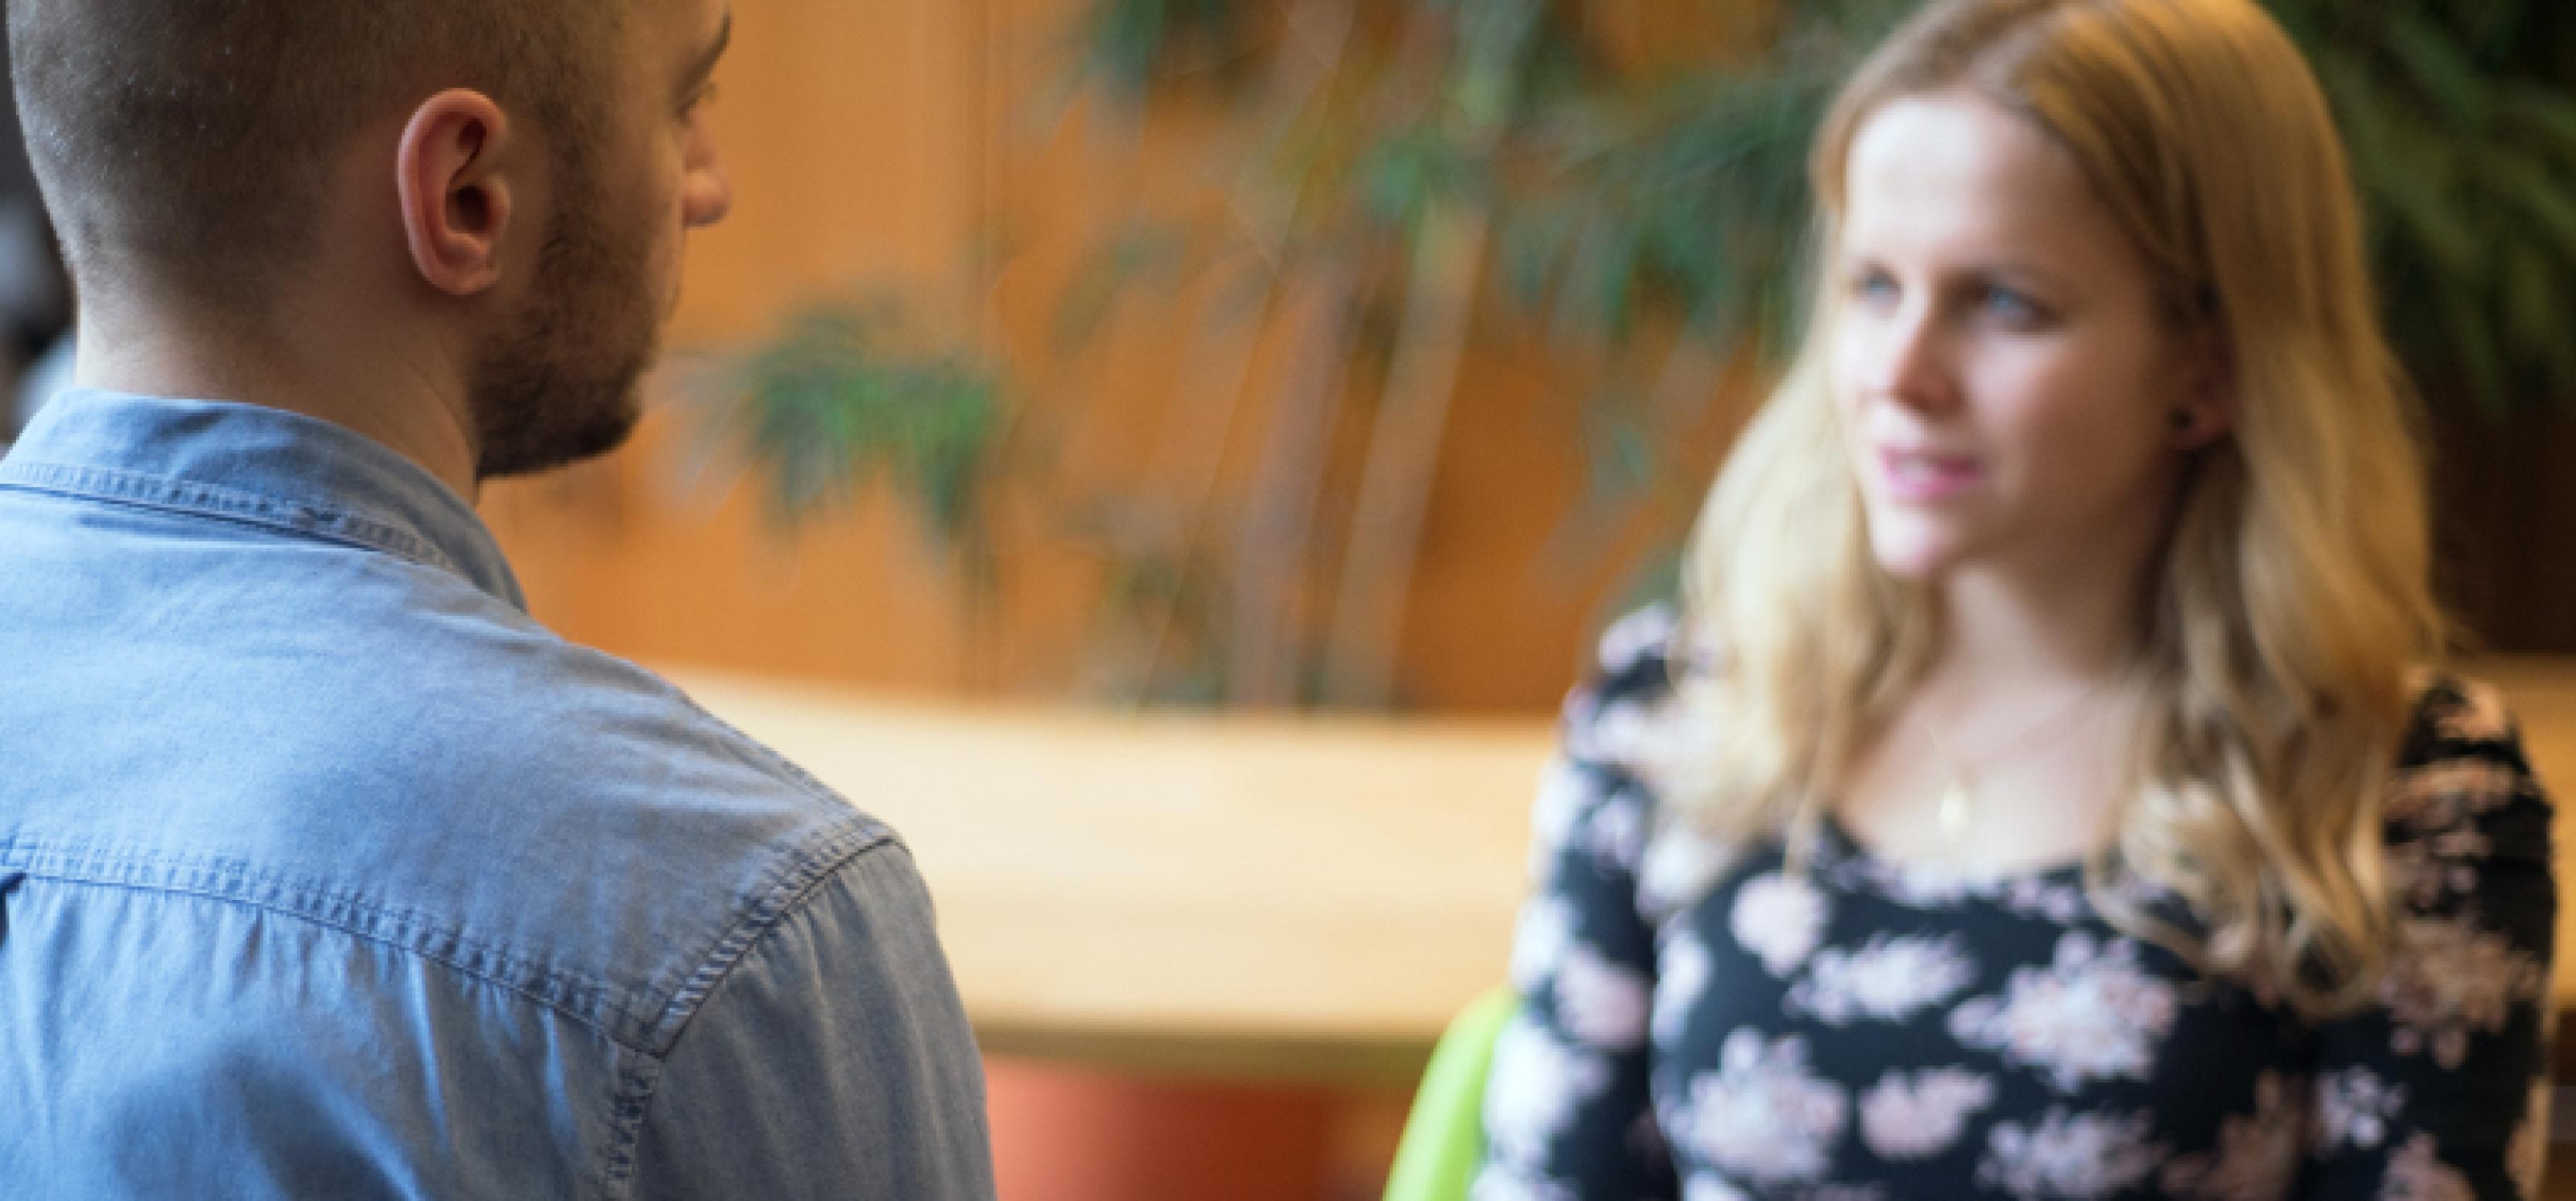 Ein Mann und eine Frau sitzen sich in einem Gespräch gegenüber.